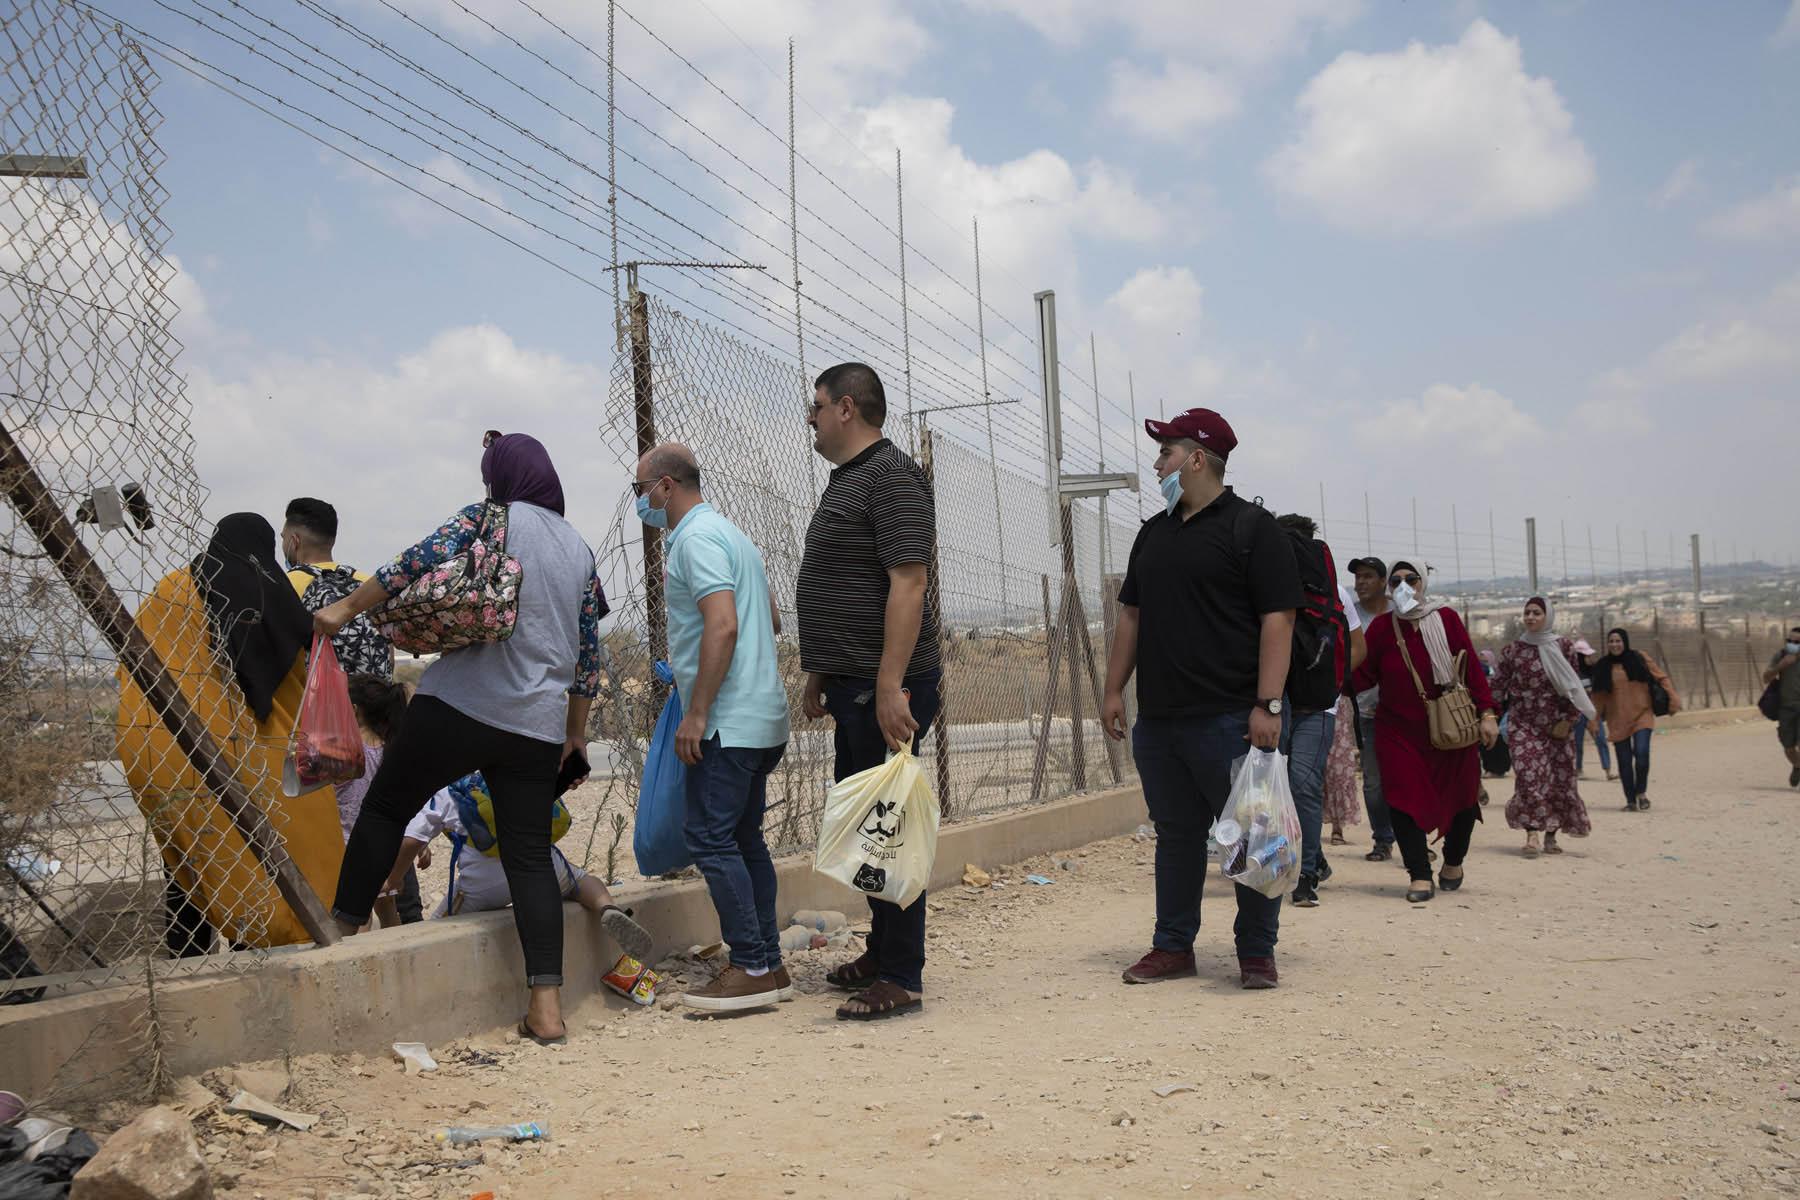 פלסטינים מהגדה עוברים את גדר ההפרדה בדרכם לים, בכפר פרעון בשבוע שעבר (צילום: אחמד אל-באז ואורן זיו)